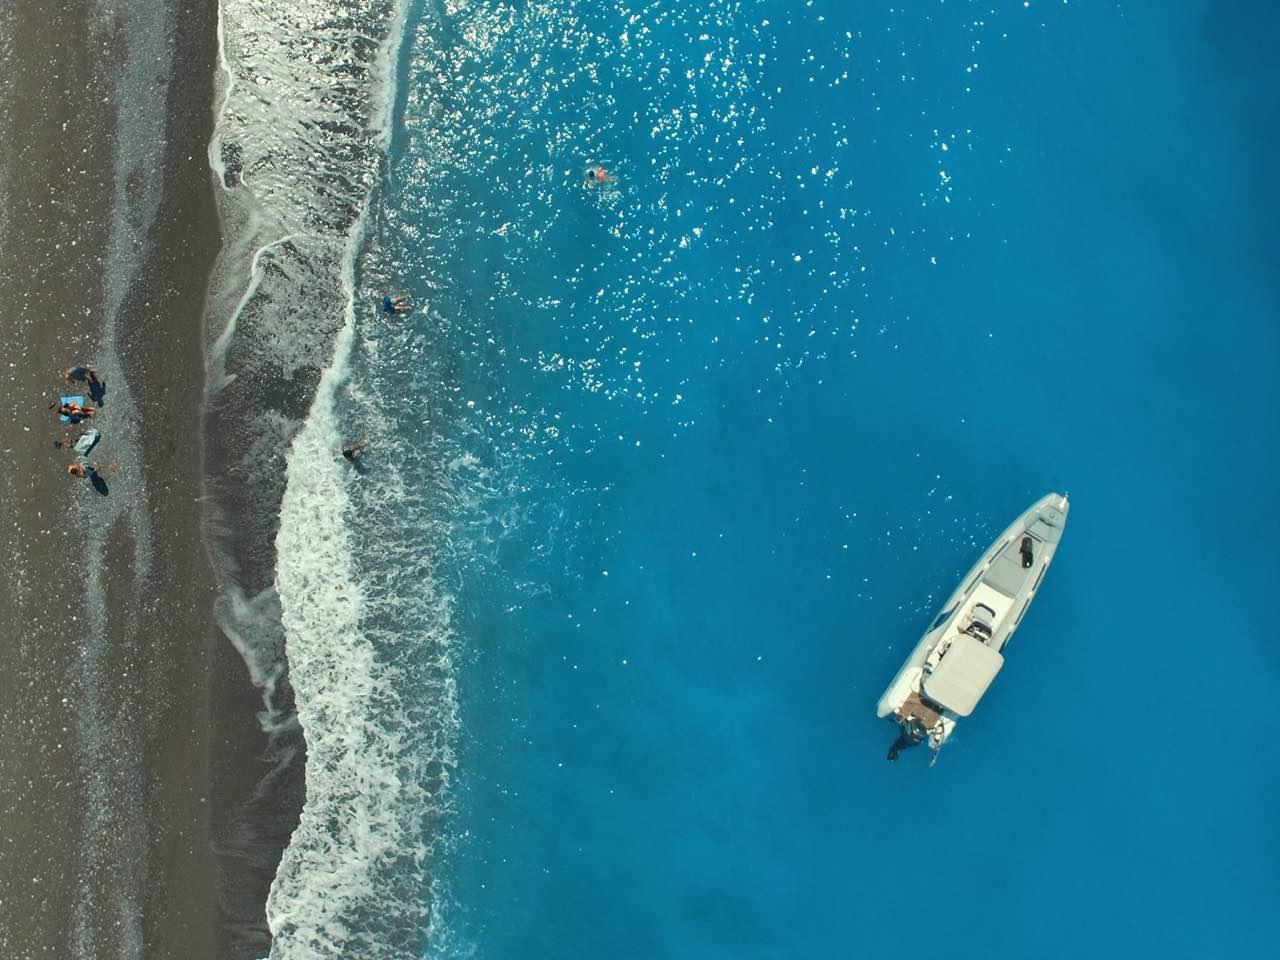 Rent A Boat In South Chania - Crete, rent boat sfakia port village, rent boat licence chania crete, rent a boat loutro village, rent a boat agia roumeli, renta a boat marmara beach, rent a boat in Crete